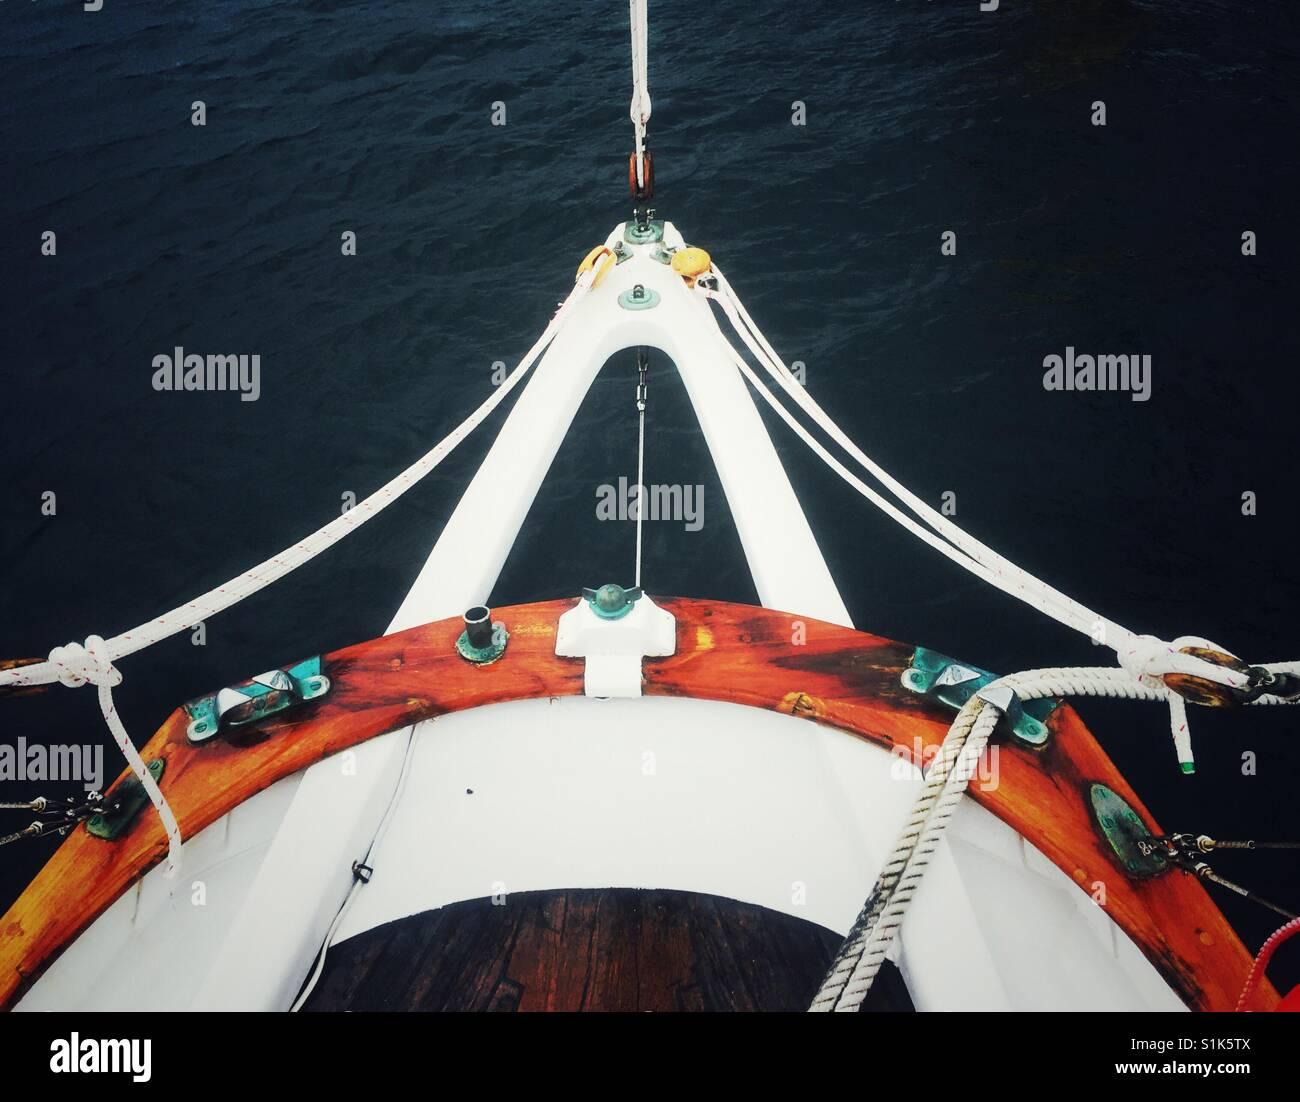 Segeln am Meer Stockbild